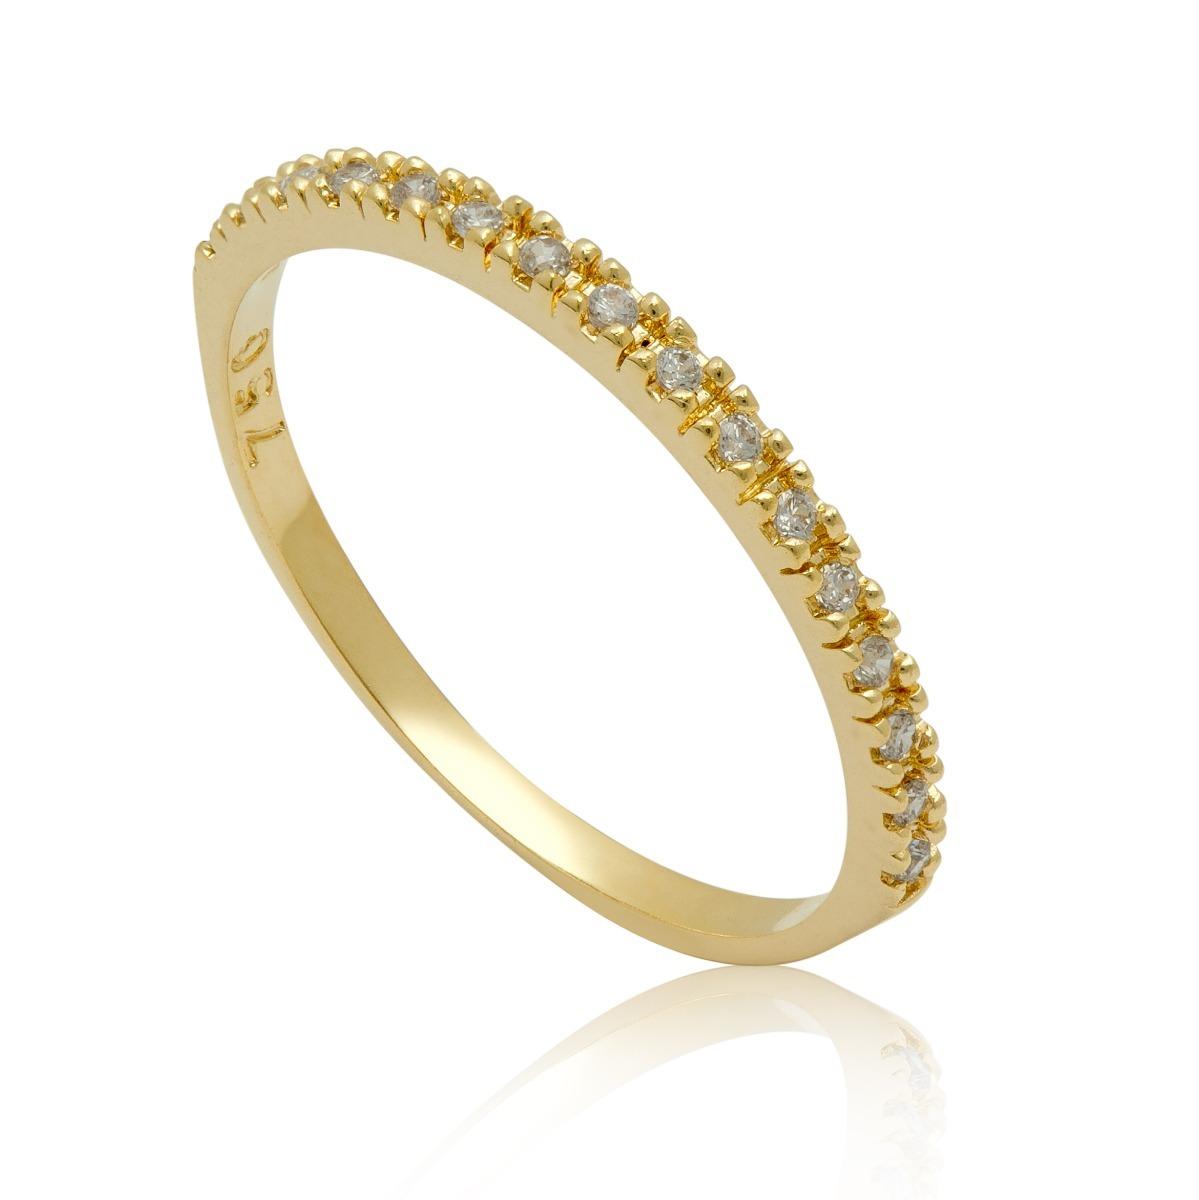 e05d5aa24ff47 Anel Meia Aliança Com Diamantes Em Ouro Amarelo - R  1.050,00 em ...